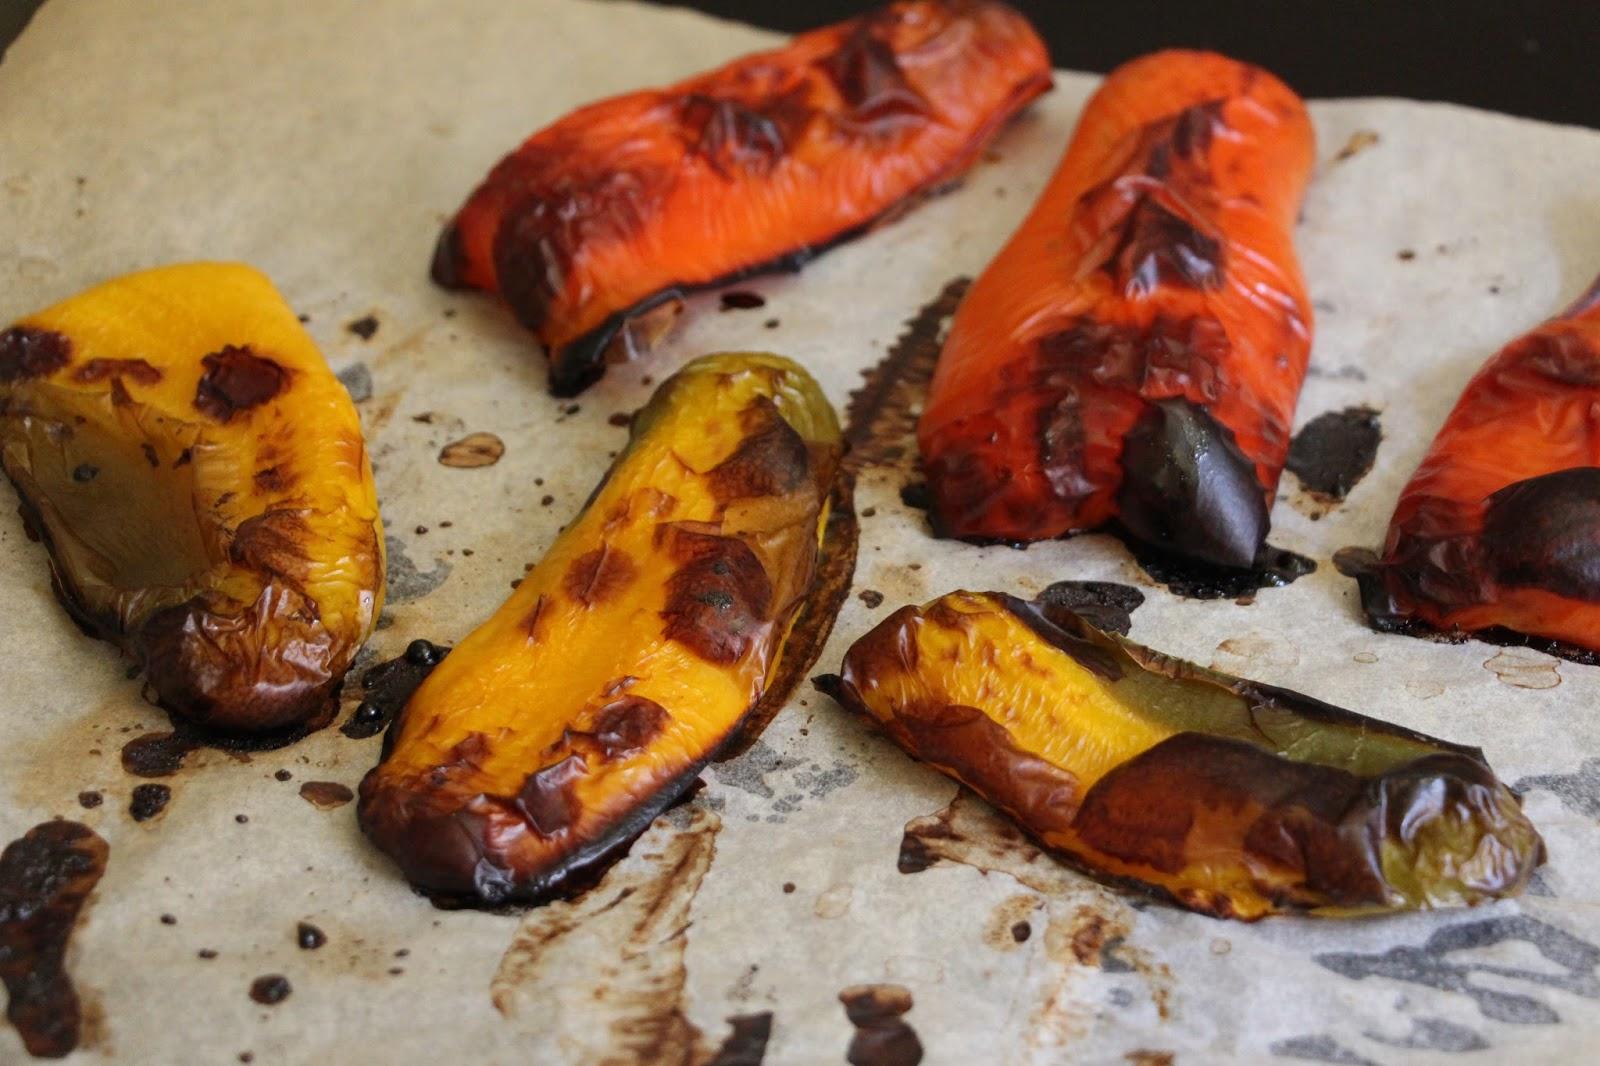 Tartelette de poivrons r tis une recette v g tale star pour l 39 t la f e st phanie - Comment cuisiner des poivrons ...